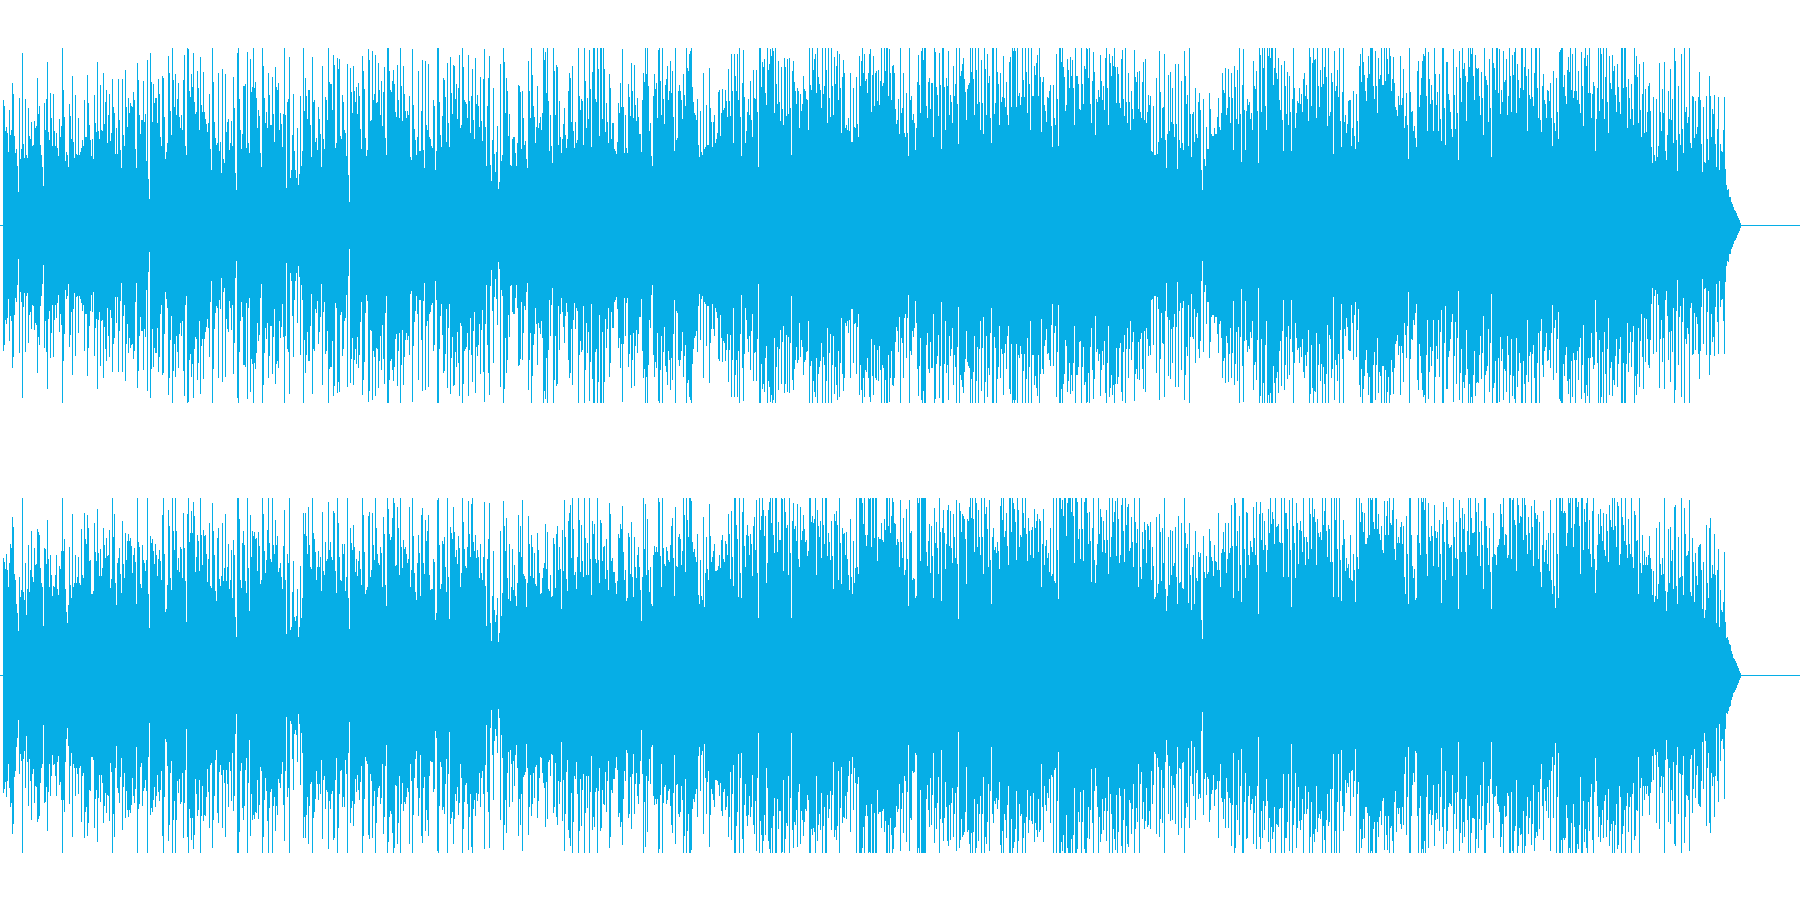 ゆったり昼下がりを表現したテクノポップの再生済みの波形